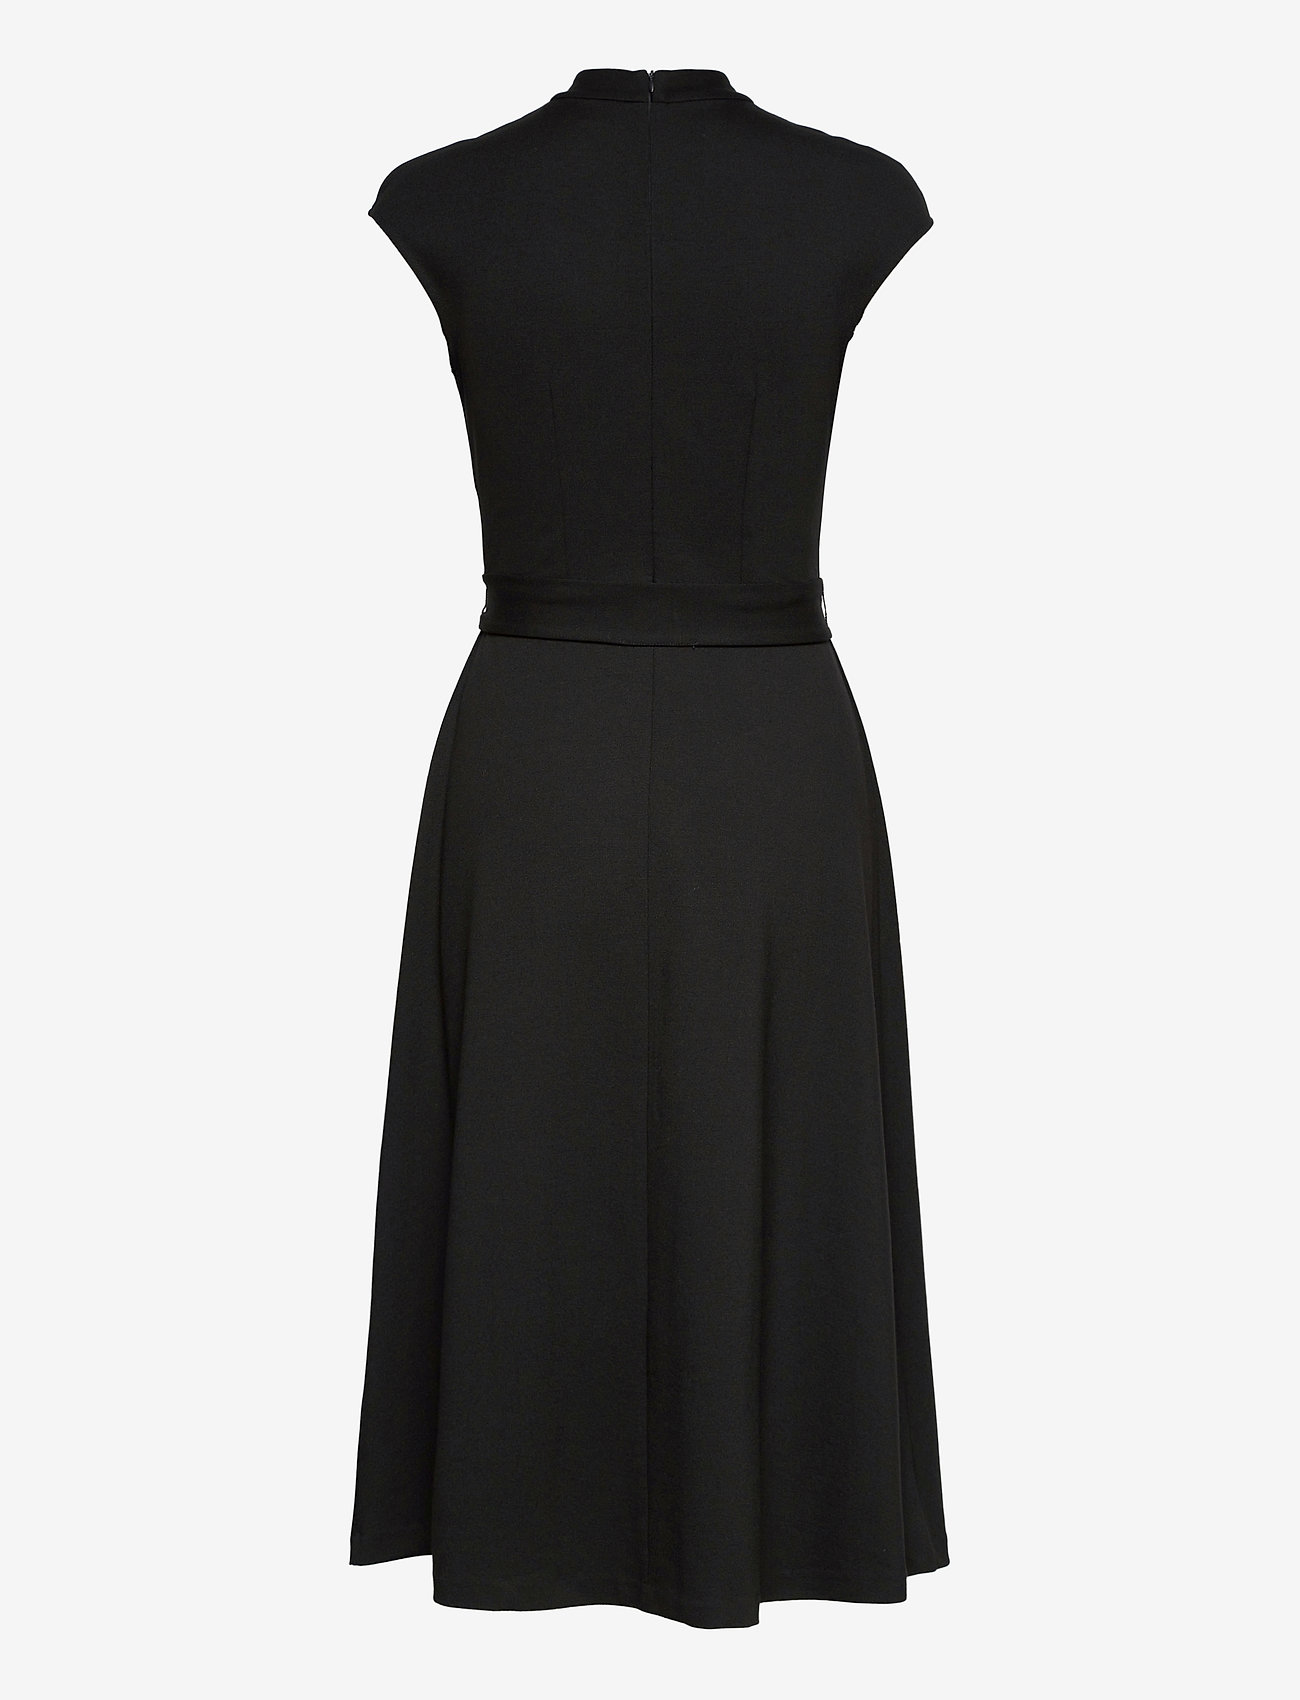 HUGO - Dressella - robes de cocktail - black - 1